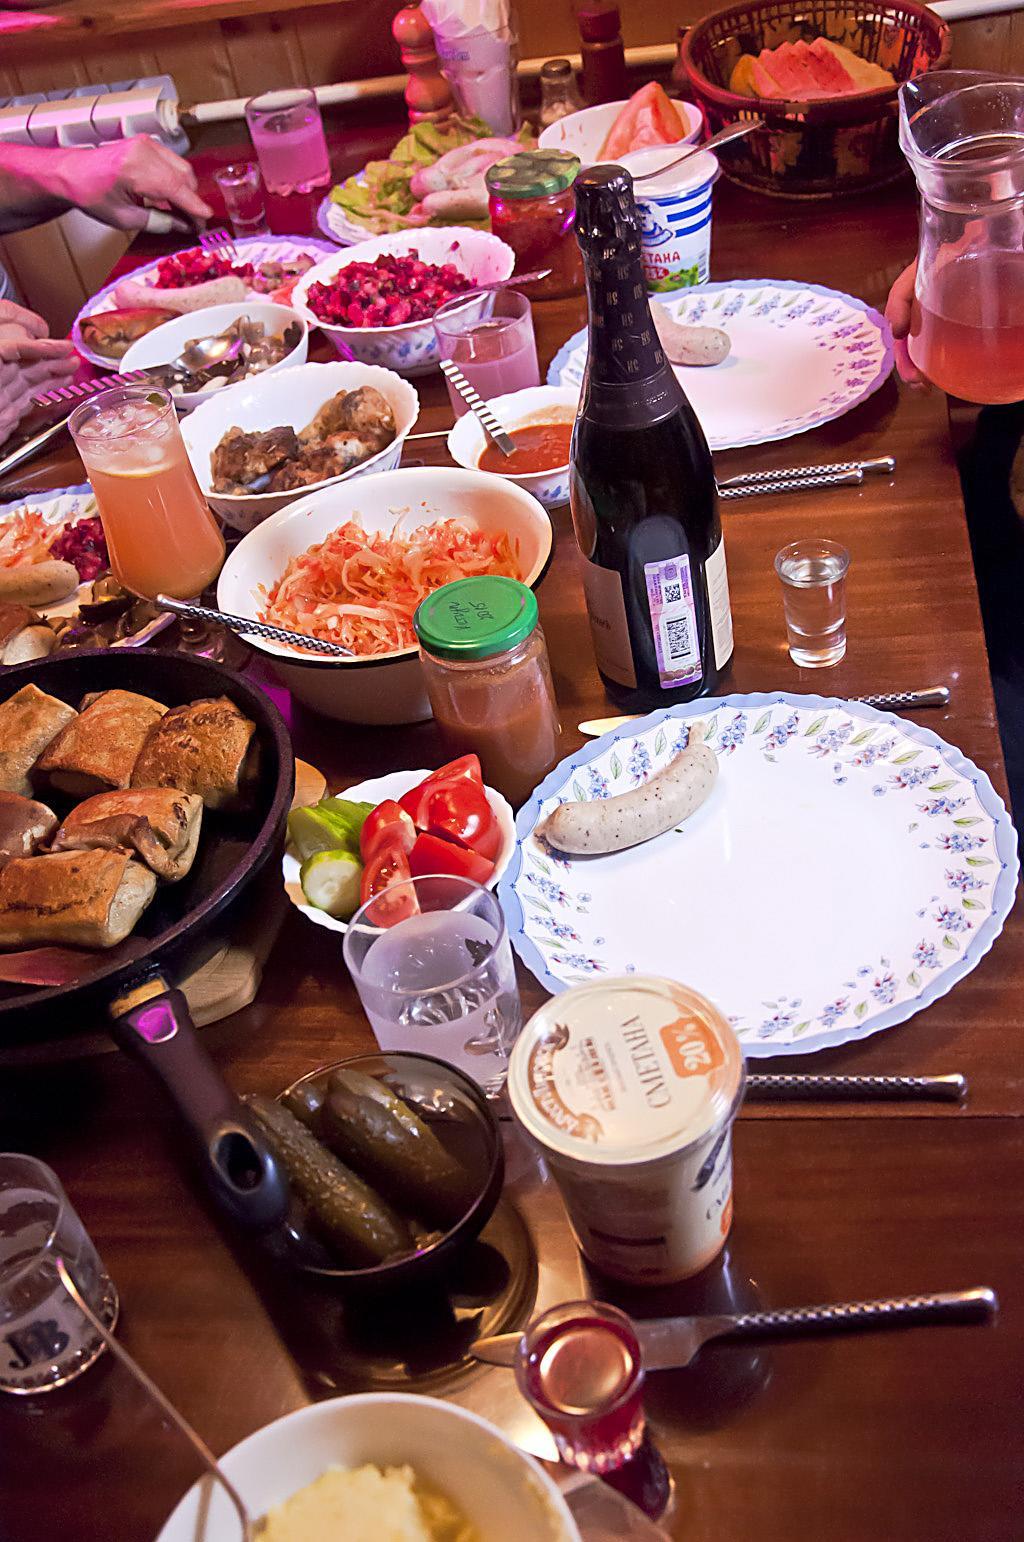 Ужин с соседями_DSC_5697